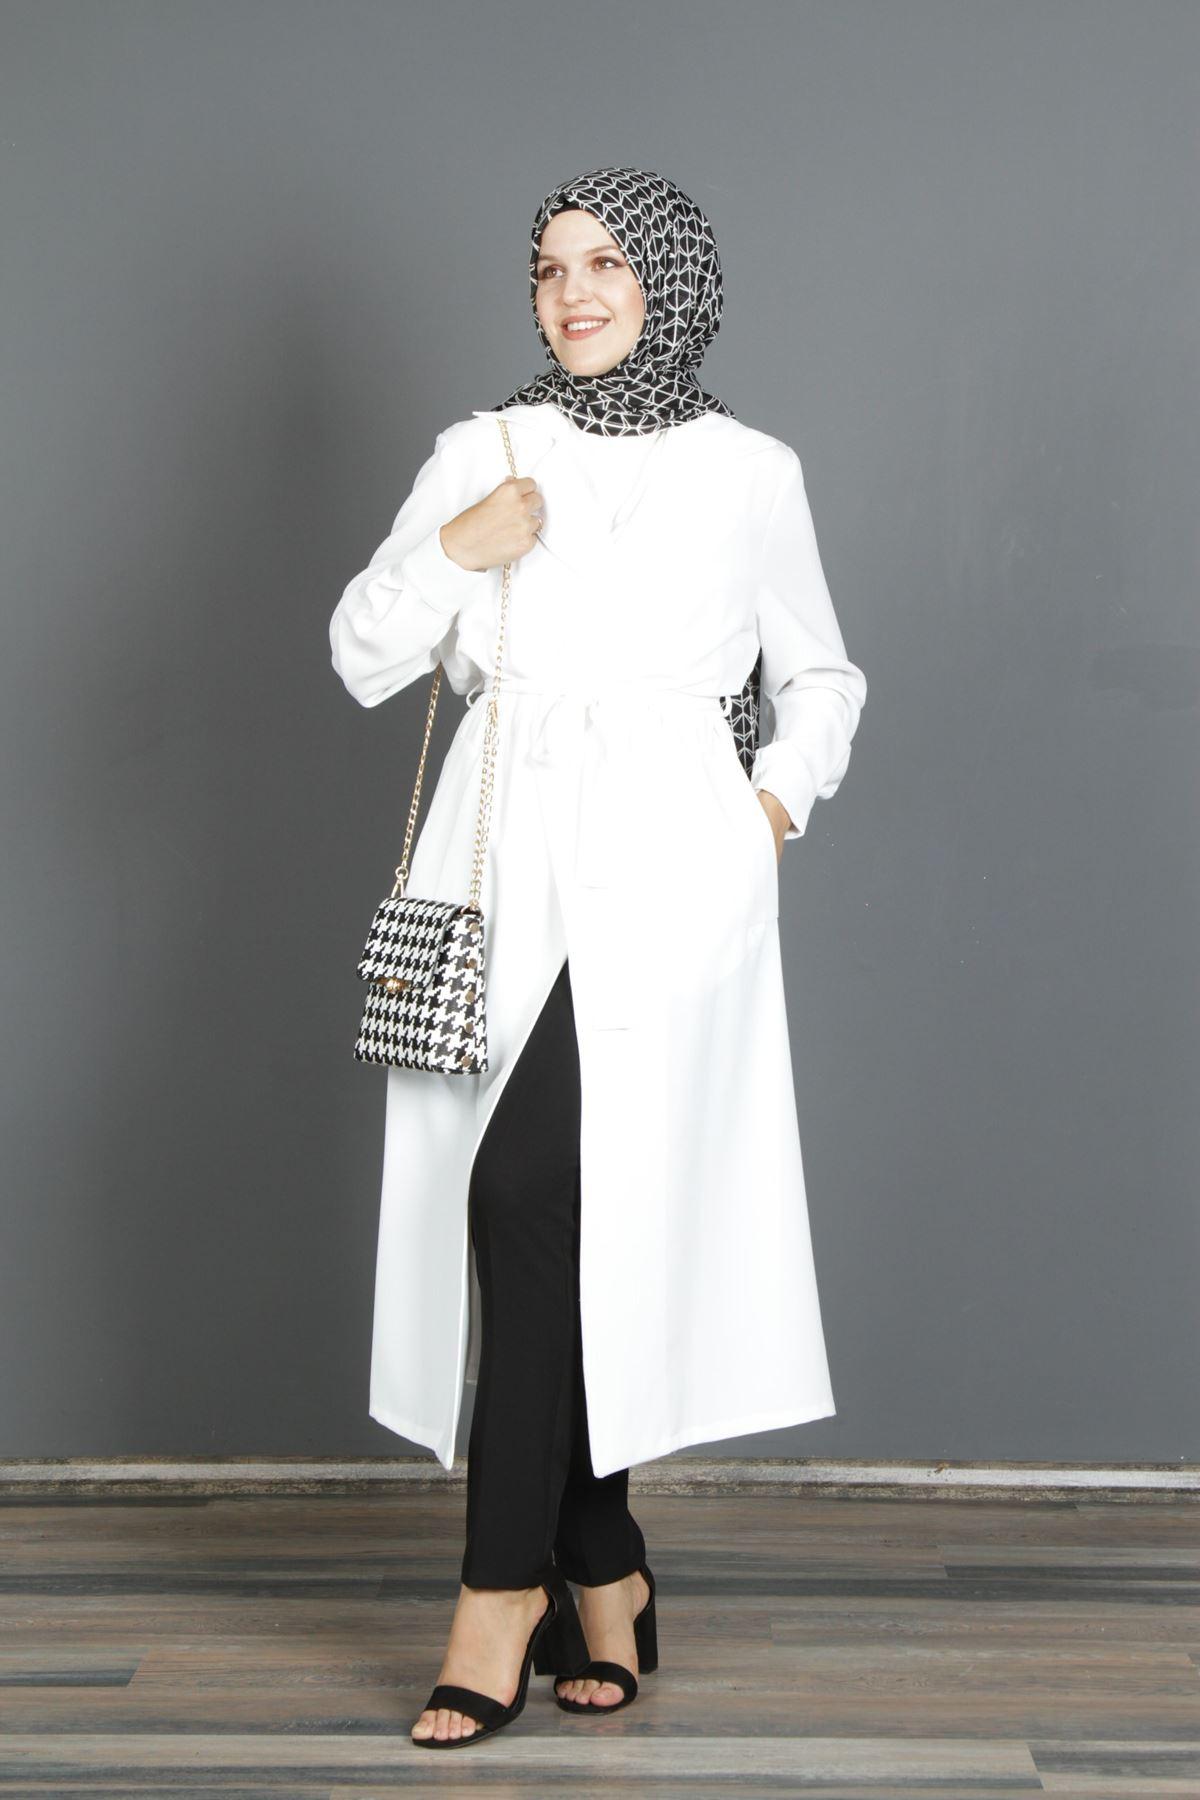 QUQA Kadın Kruvaze Kap - Beyaz